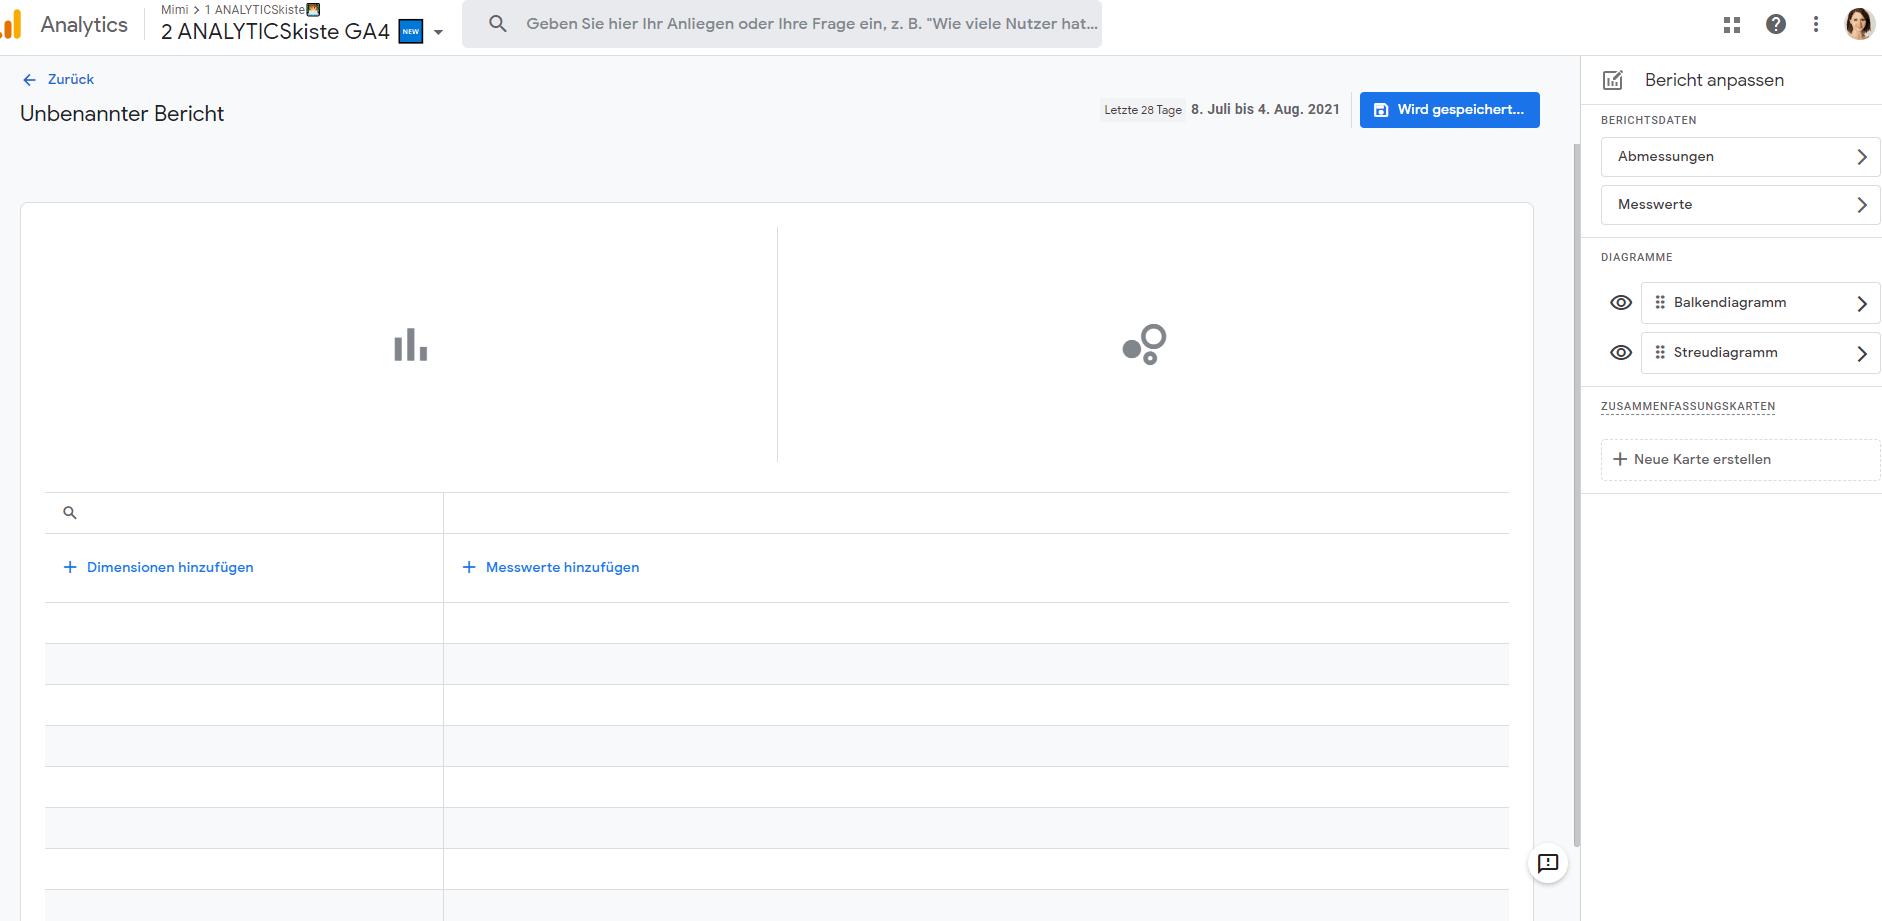 Detailbericht ohne Vorlage in GA4 erstellen